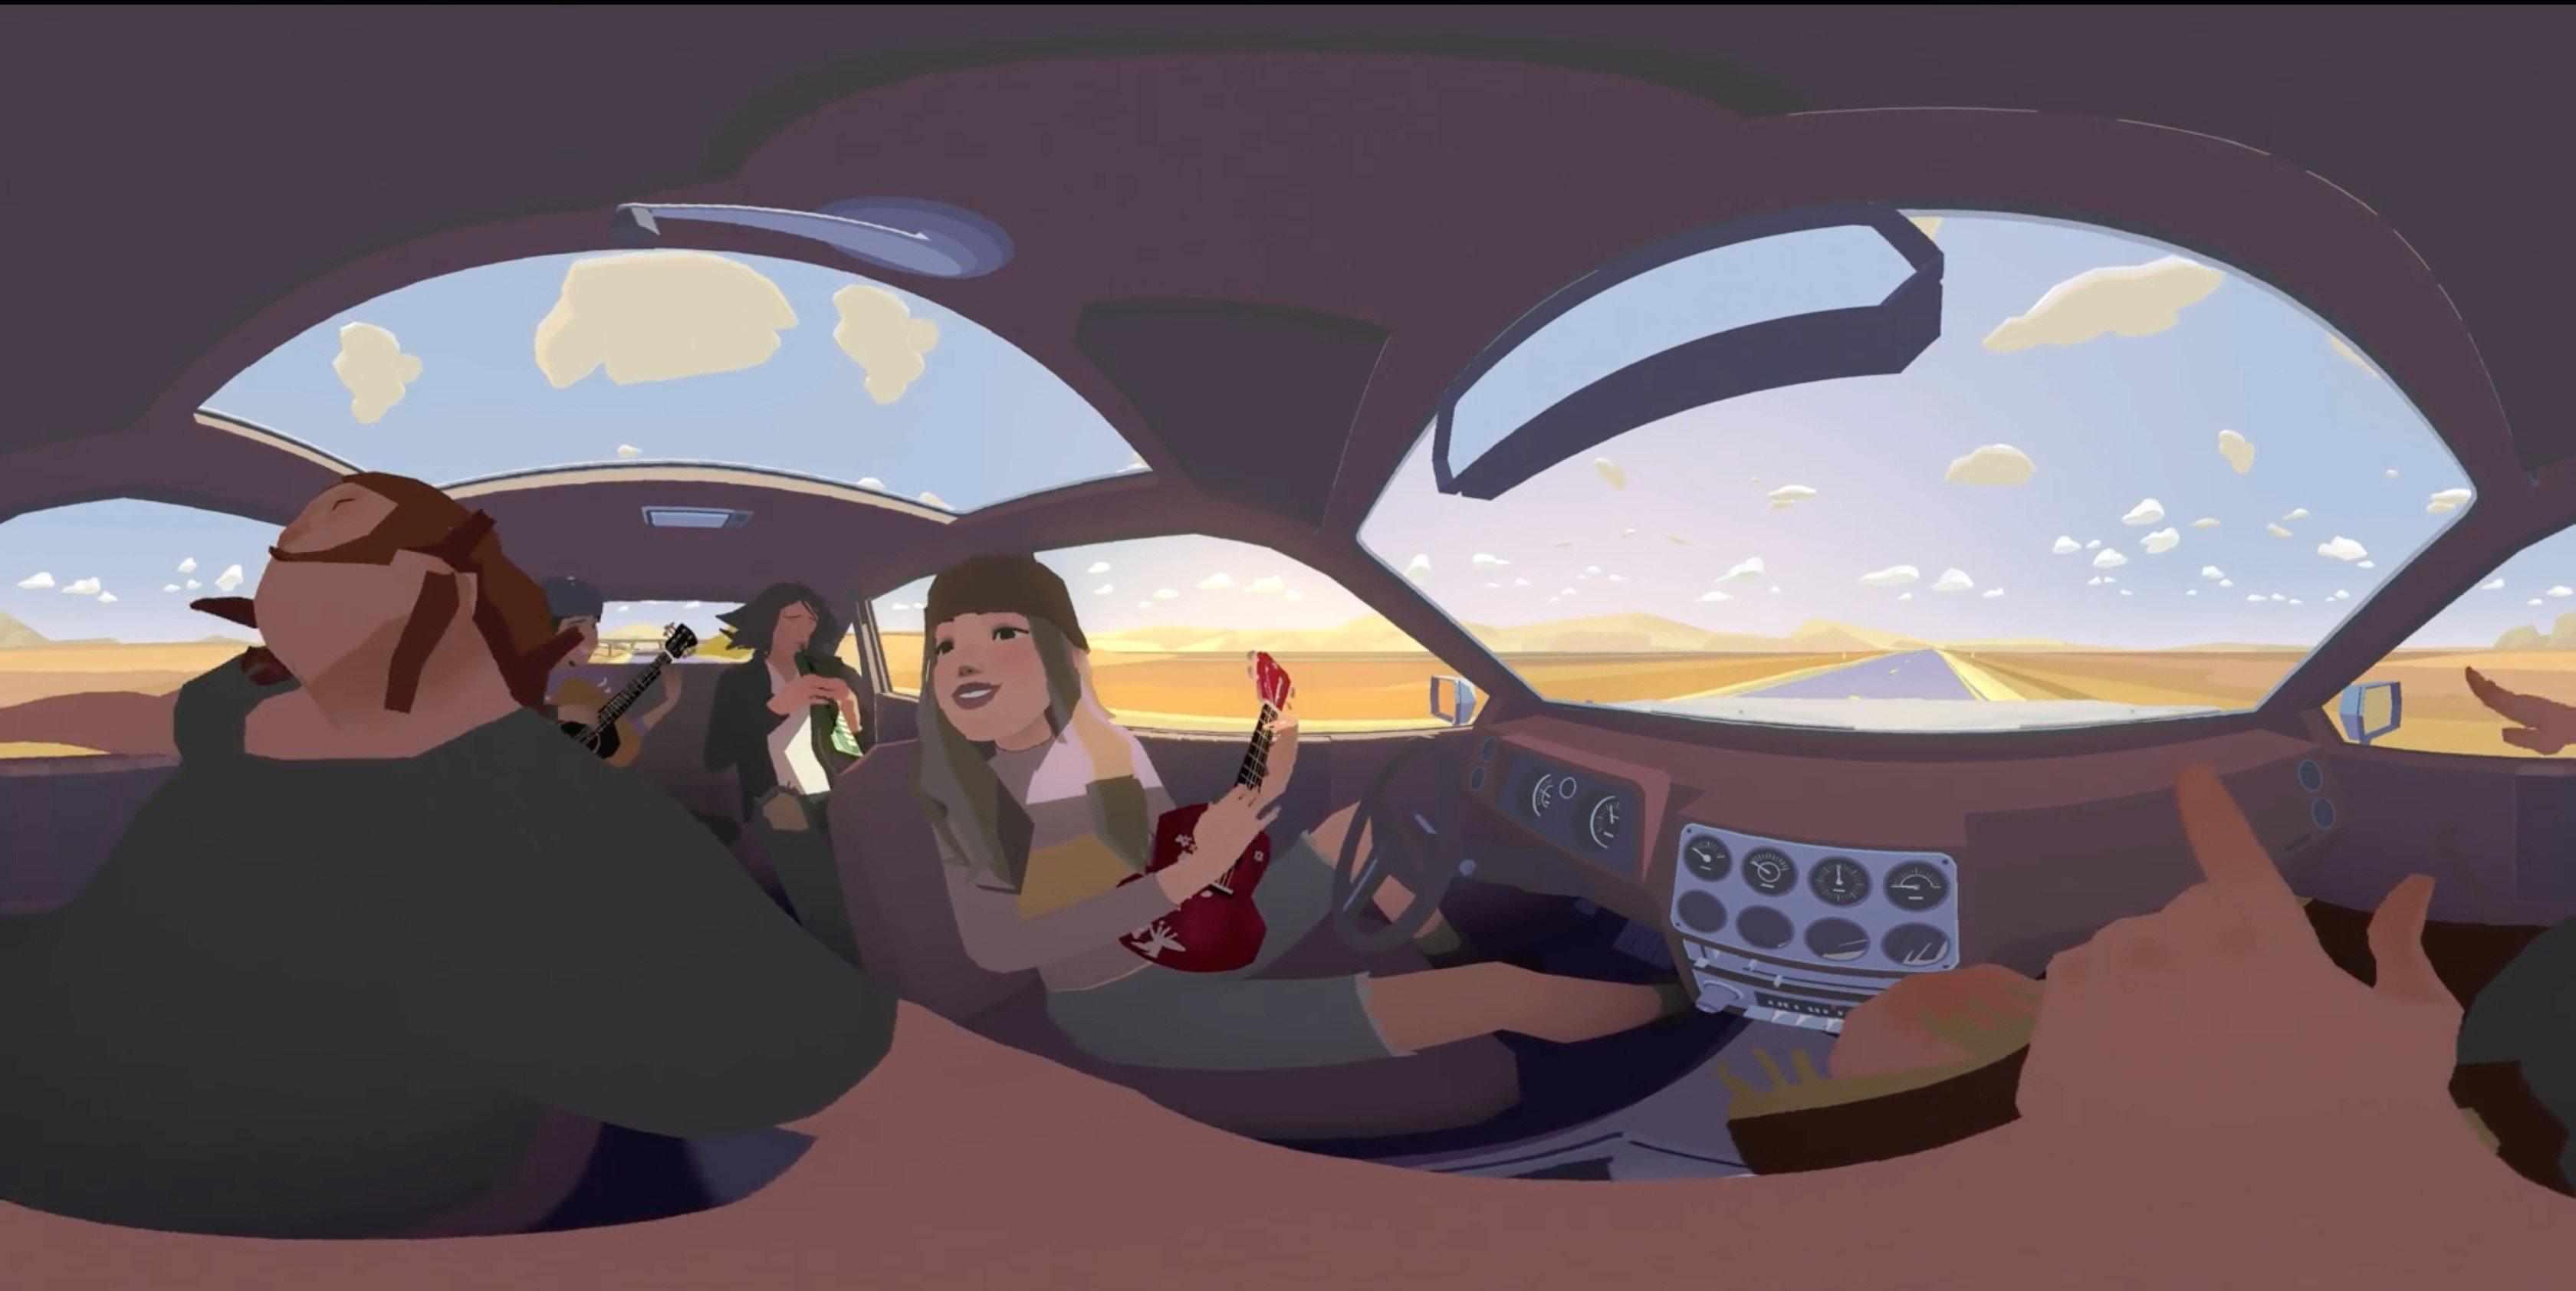 VR e video a 360° su YouTube: cosa dobbiamo aspettarci?